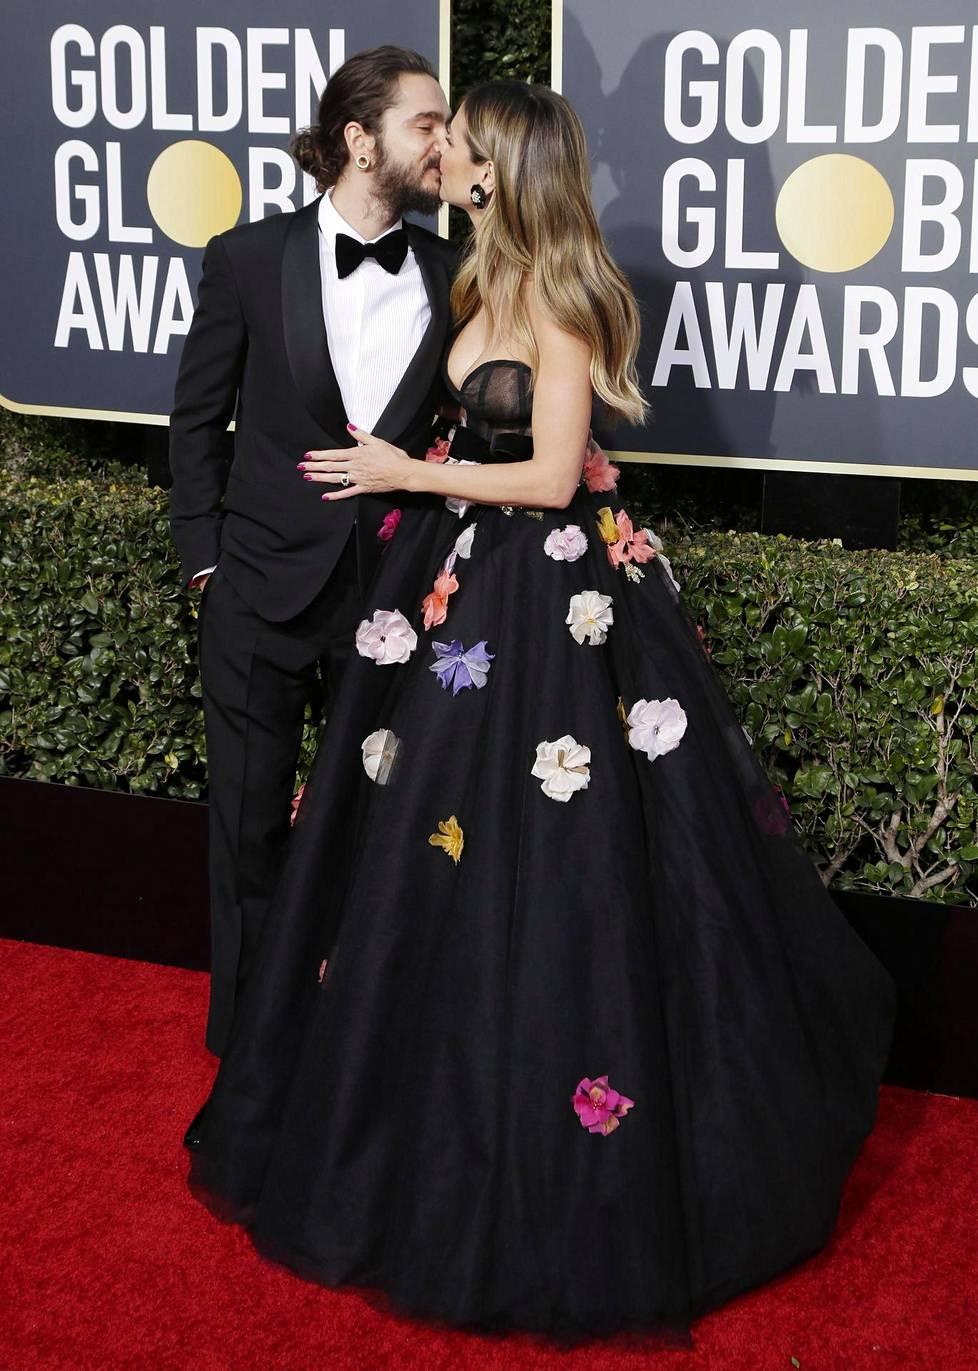 Tuore pari Tom Kaulitz ja Heidi Klum söpöilivät lavalla.